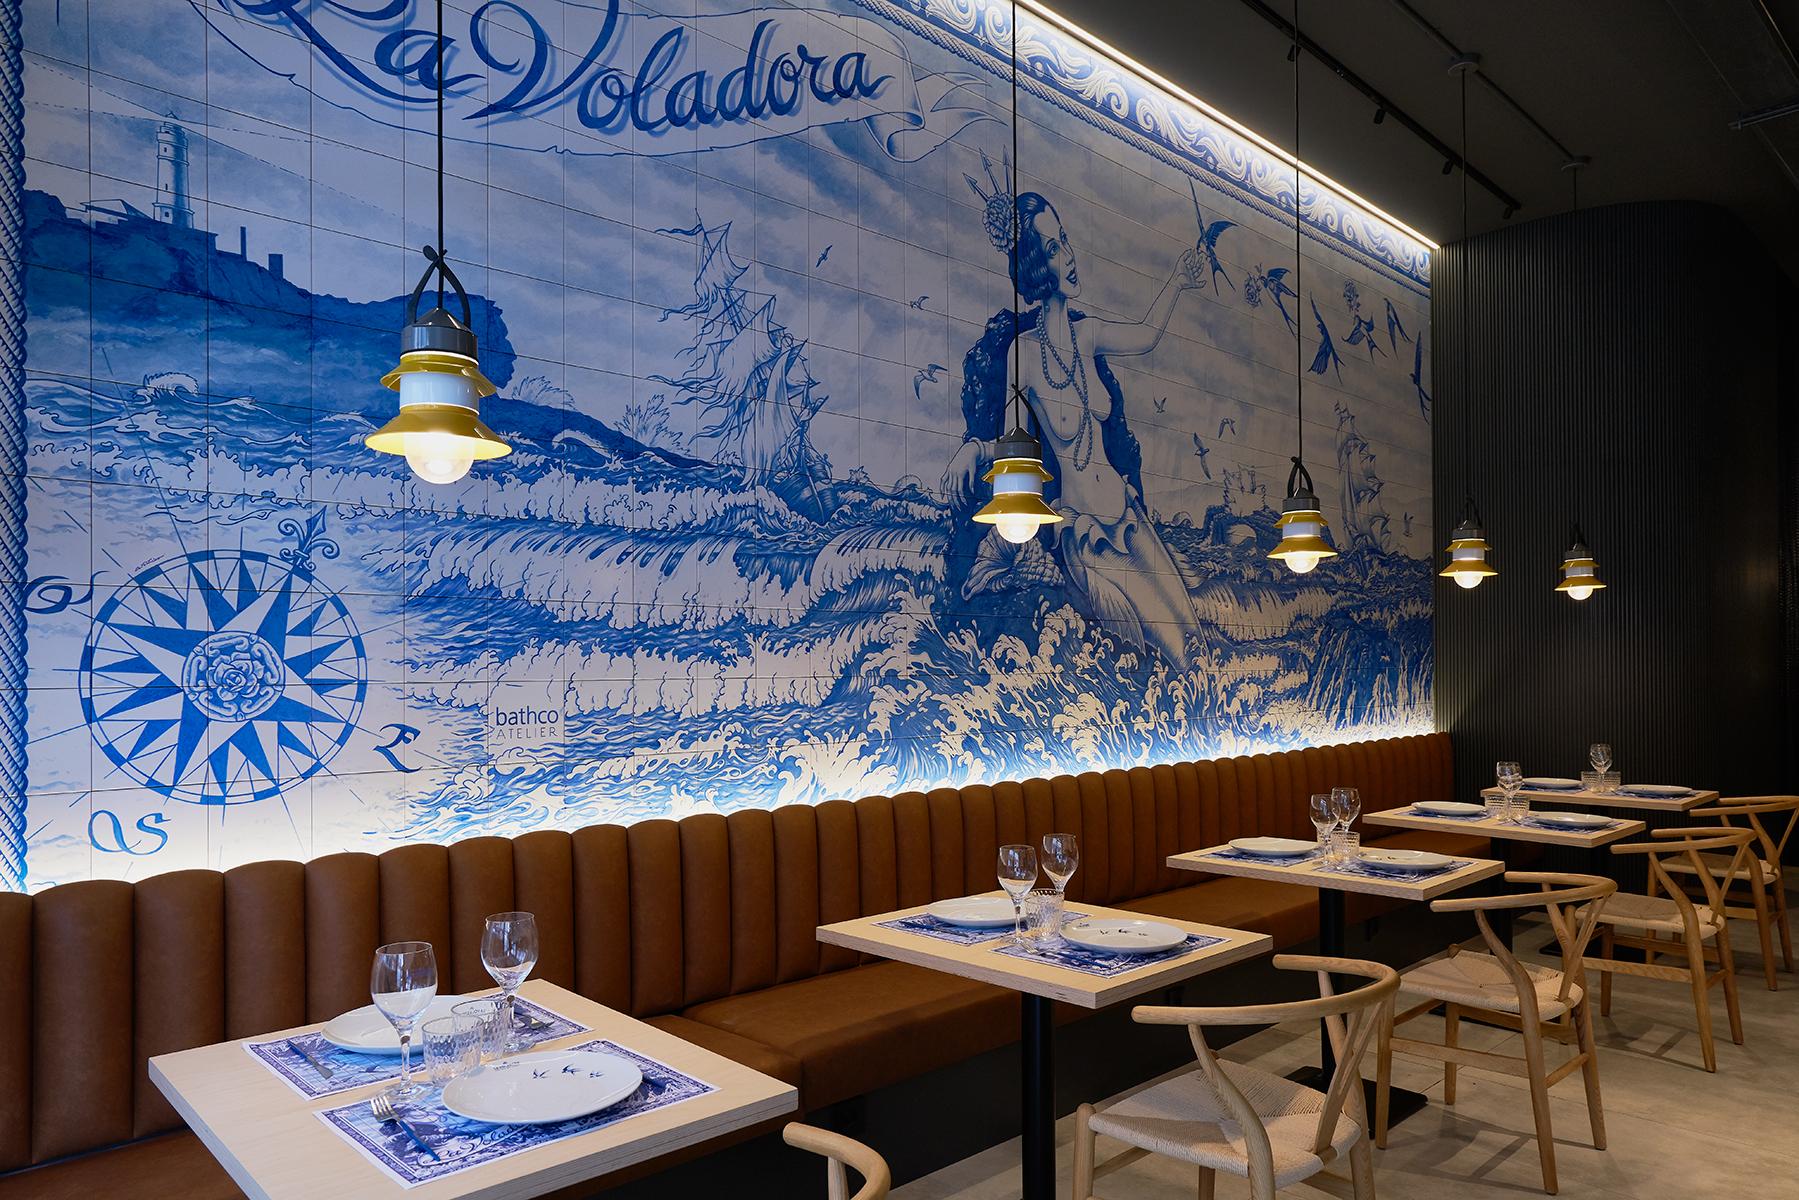 Restaurante_LaVoladora_Santorini_5